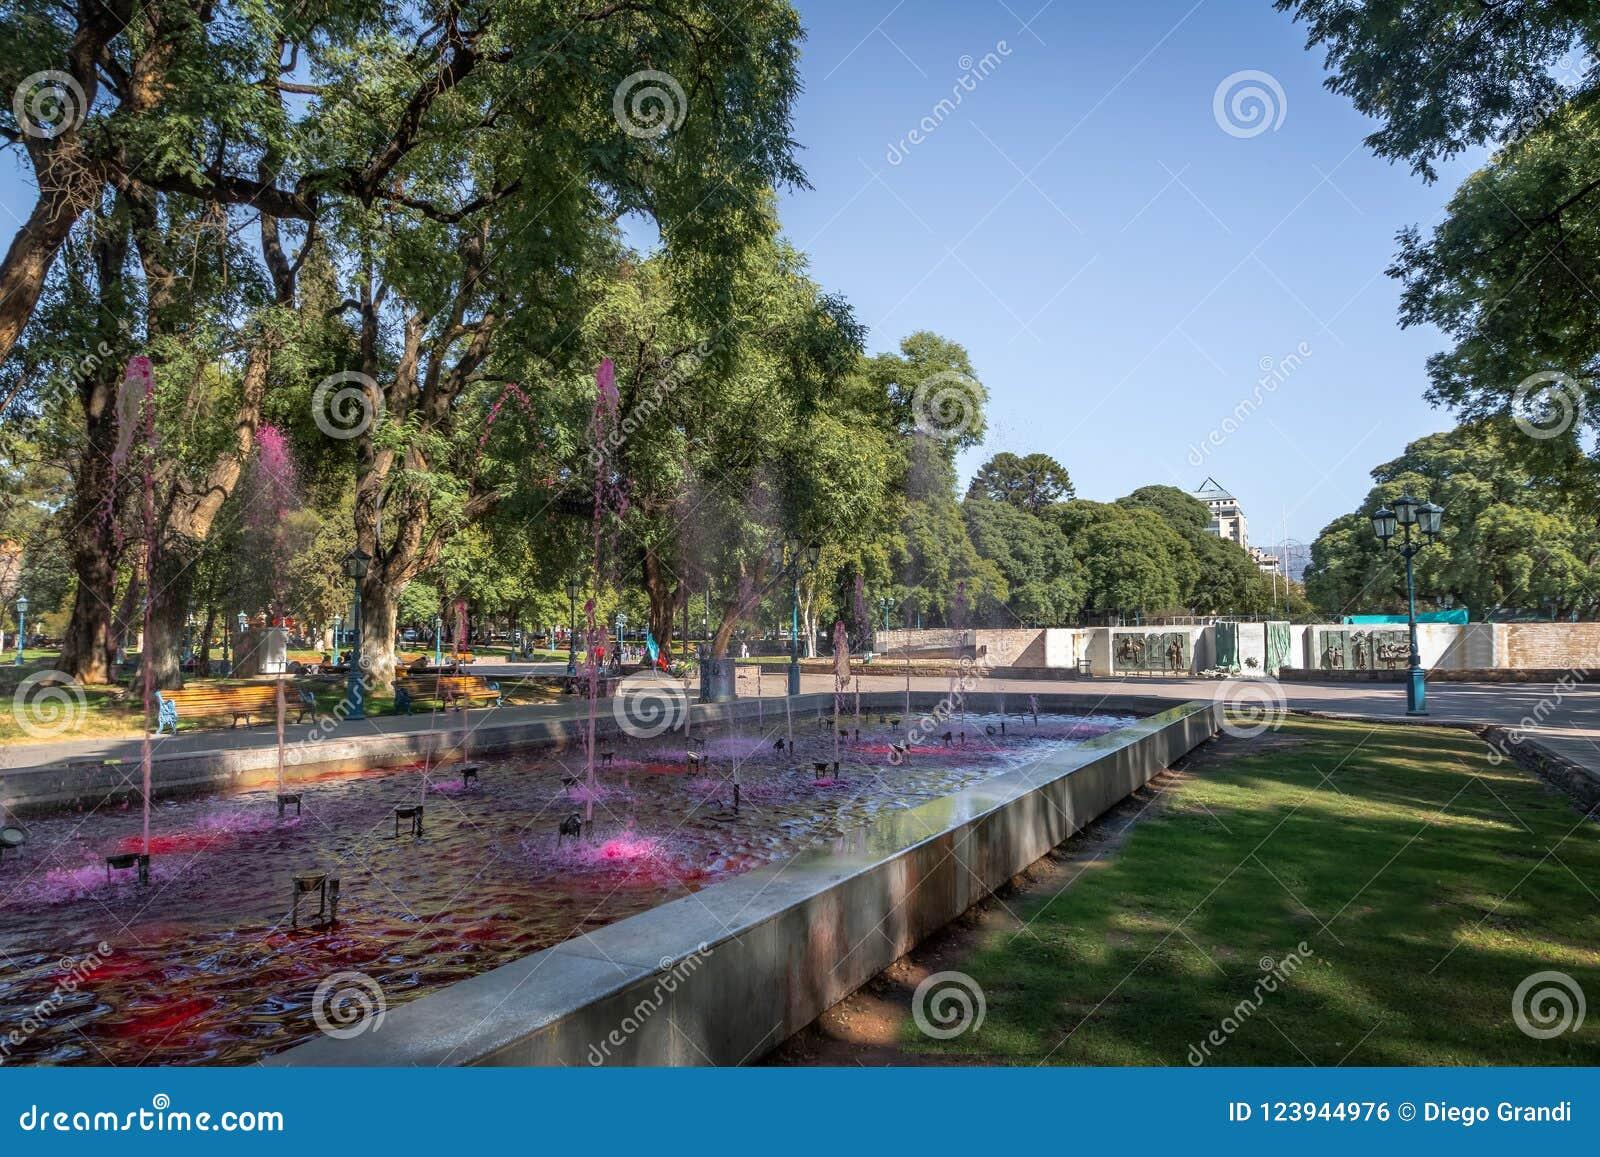 广场有红潮的Independencia独立广场喷泉喜欢酒- Mendoza,阿根廷- Mendoza,阿根廷